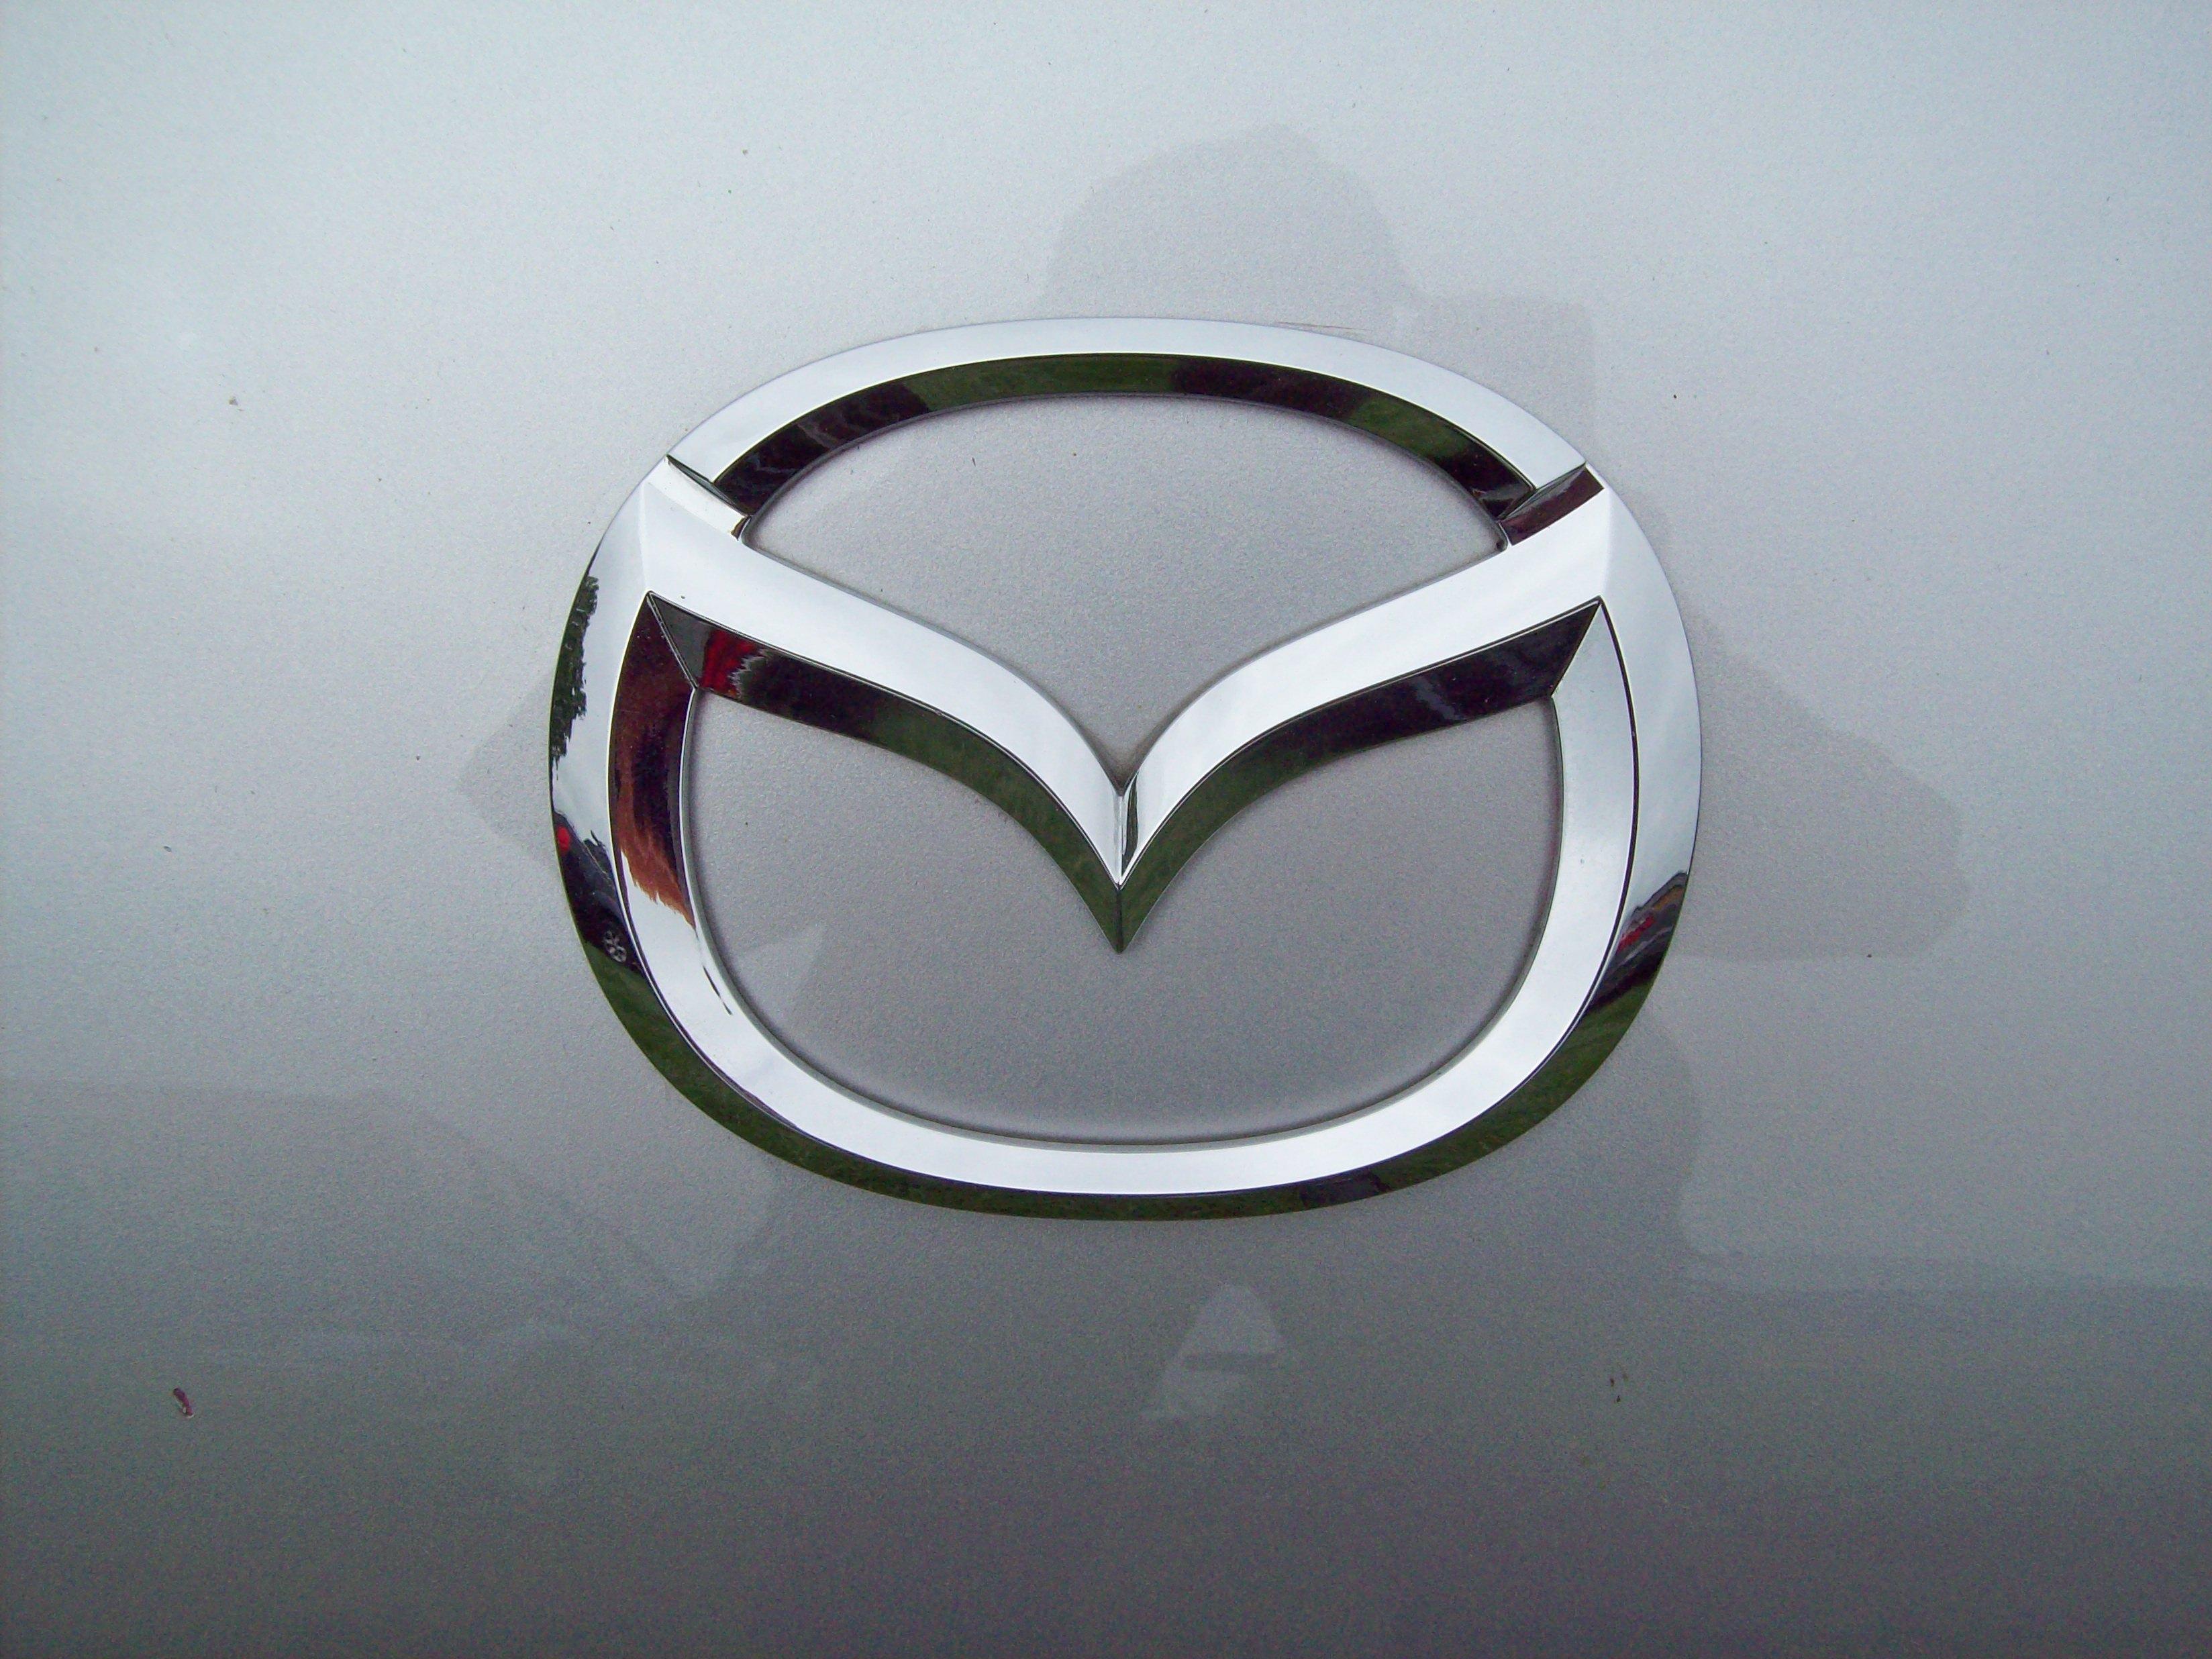 Aston Martin Symbol Wallpaper Ingilizceegzersiz